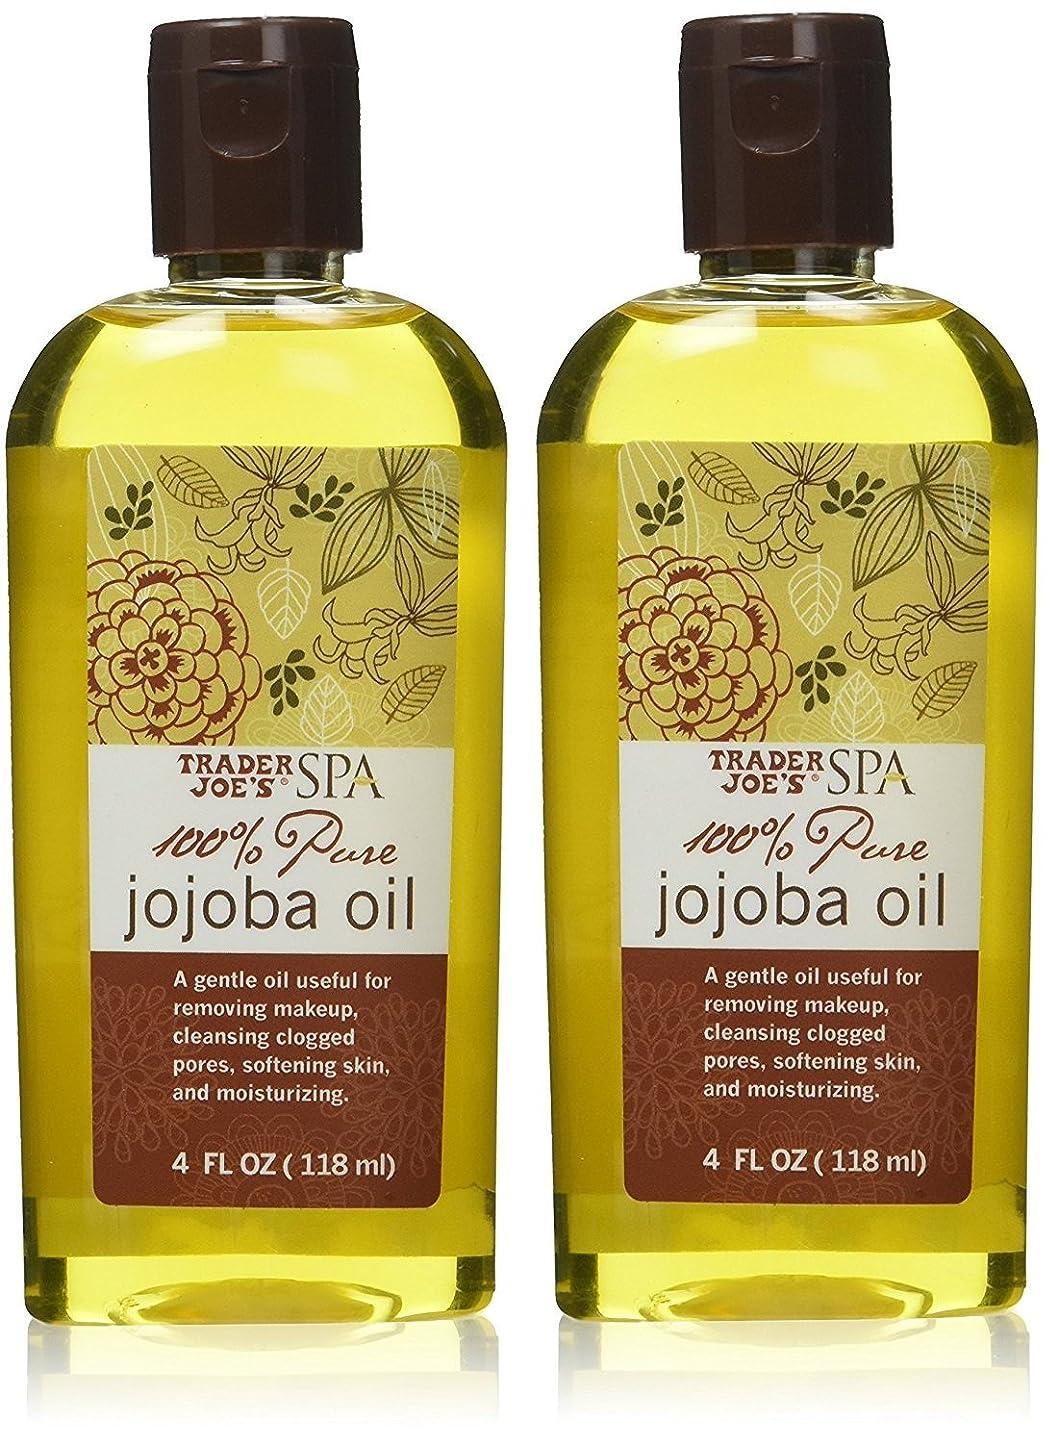 放映鎖オズワルドトレーダージョーズ 100%ピュア ホホバオイル【2個セット】 [並行輸入品] Trader Joe's SPA 100% Pure Jojoba Oil (4FL OZ/118ml)